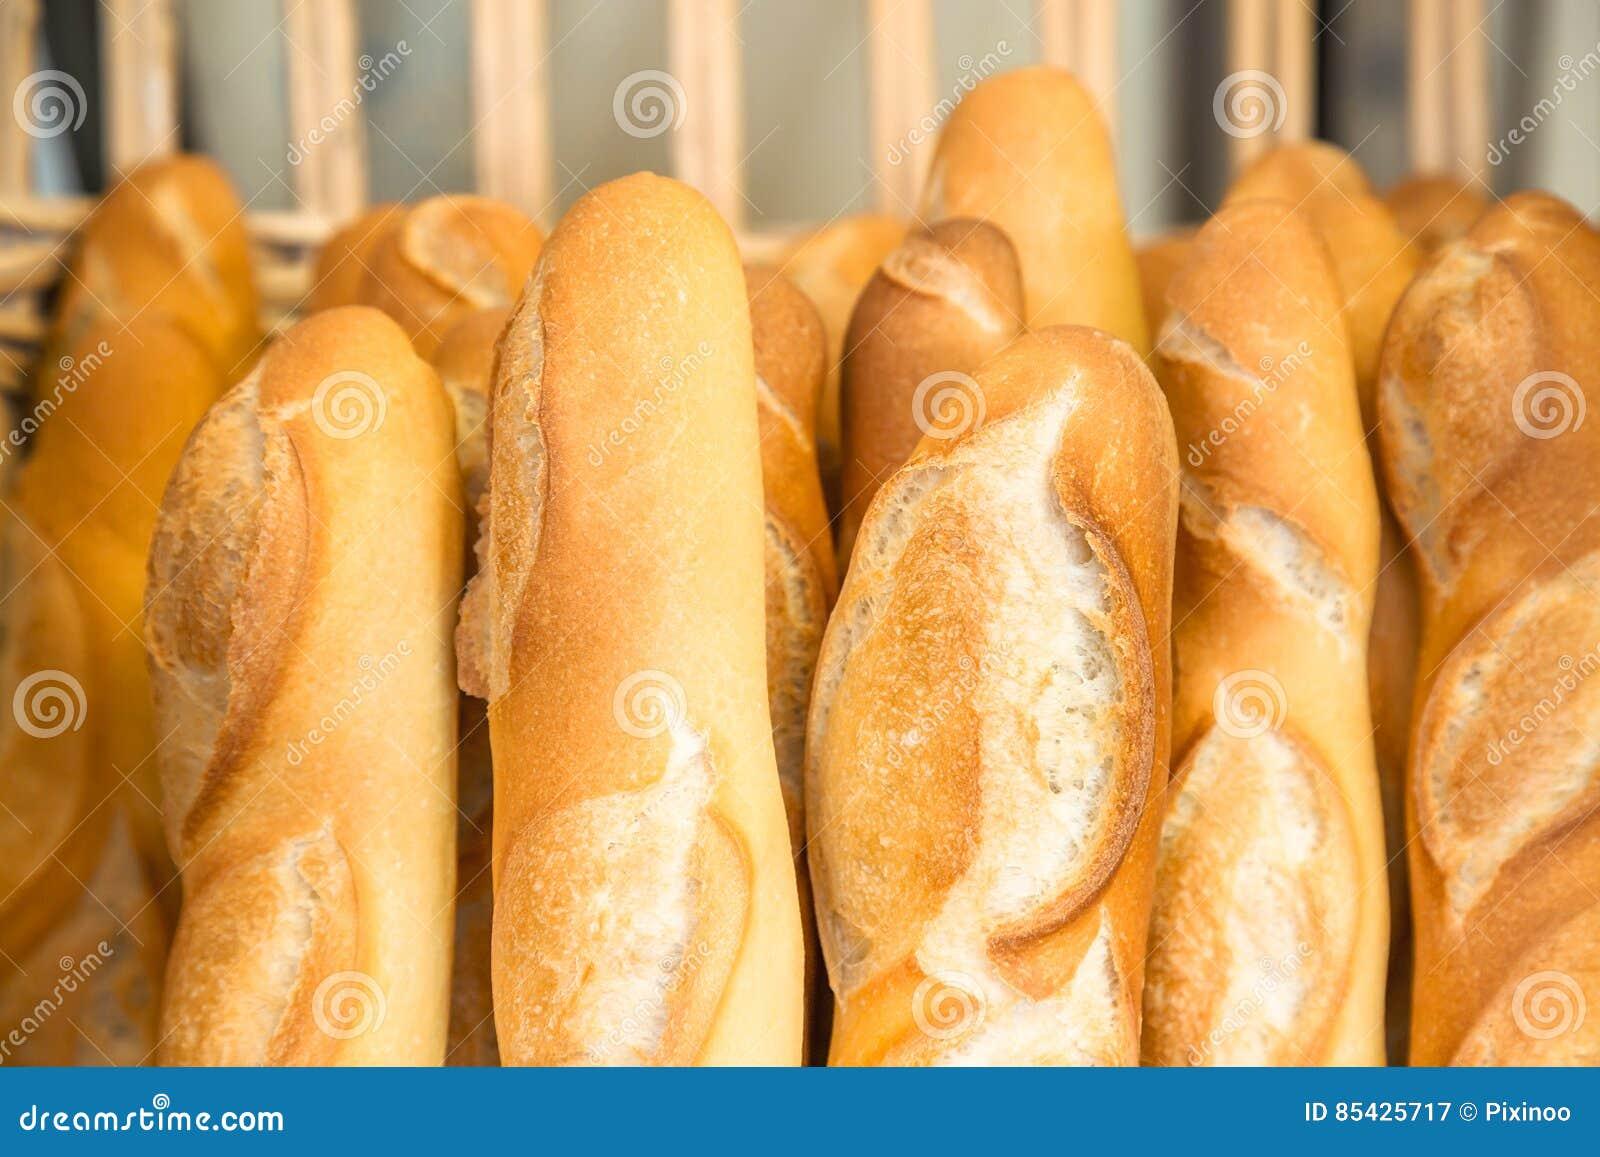 Γαλλικά baguettes στο παραδοσιακό αρτοποιείο